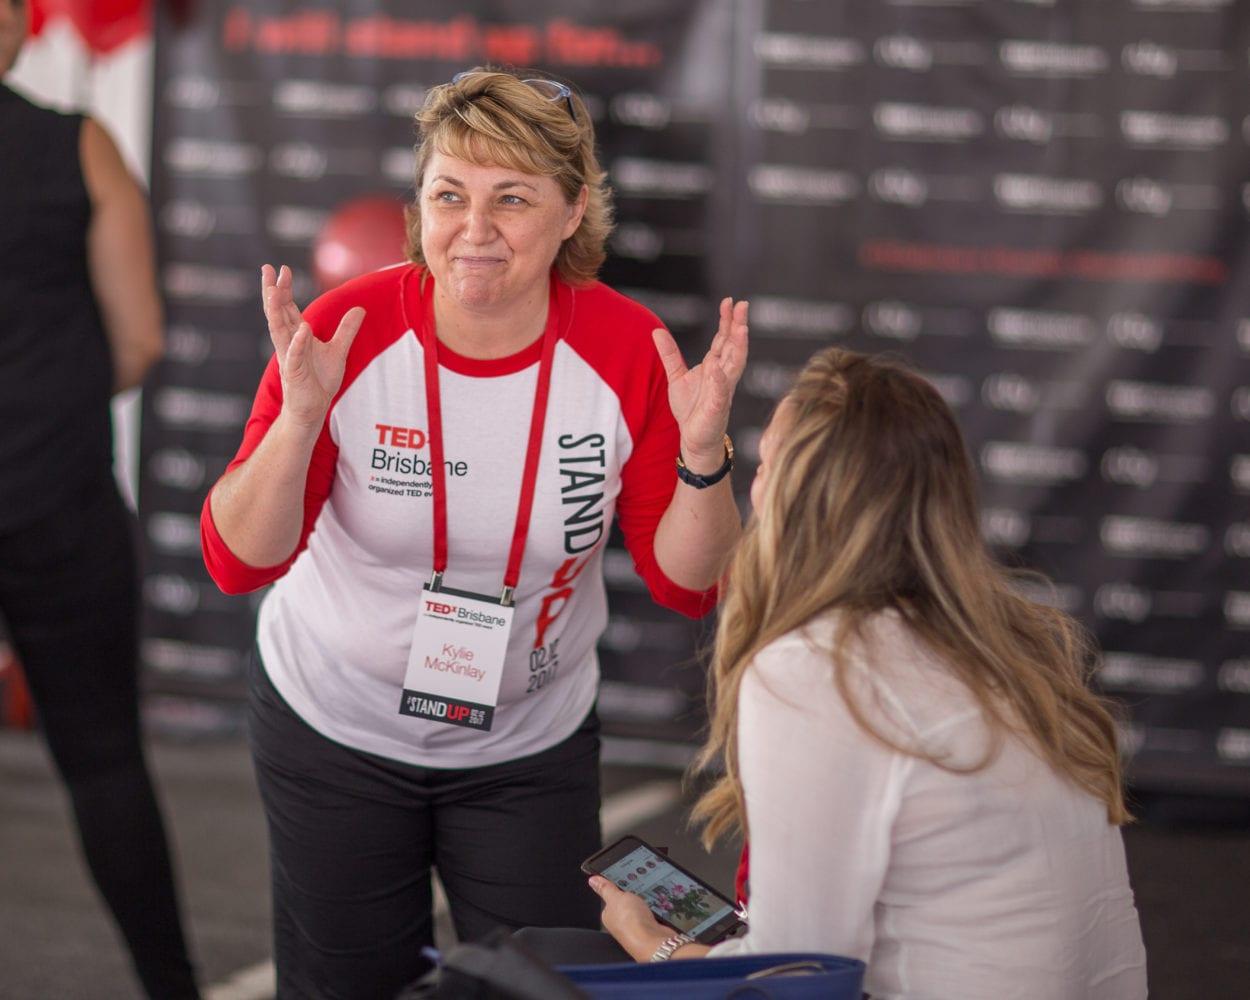 Kylie McKinlay TEDxBrisbane Advocate